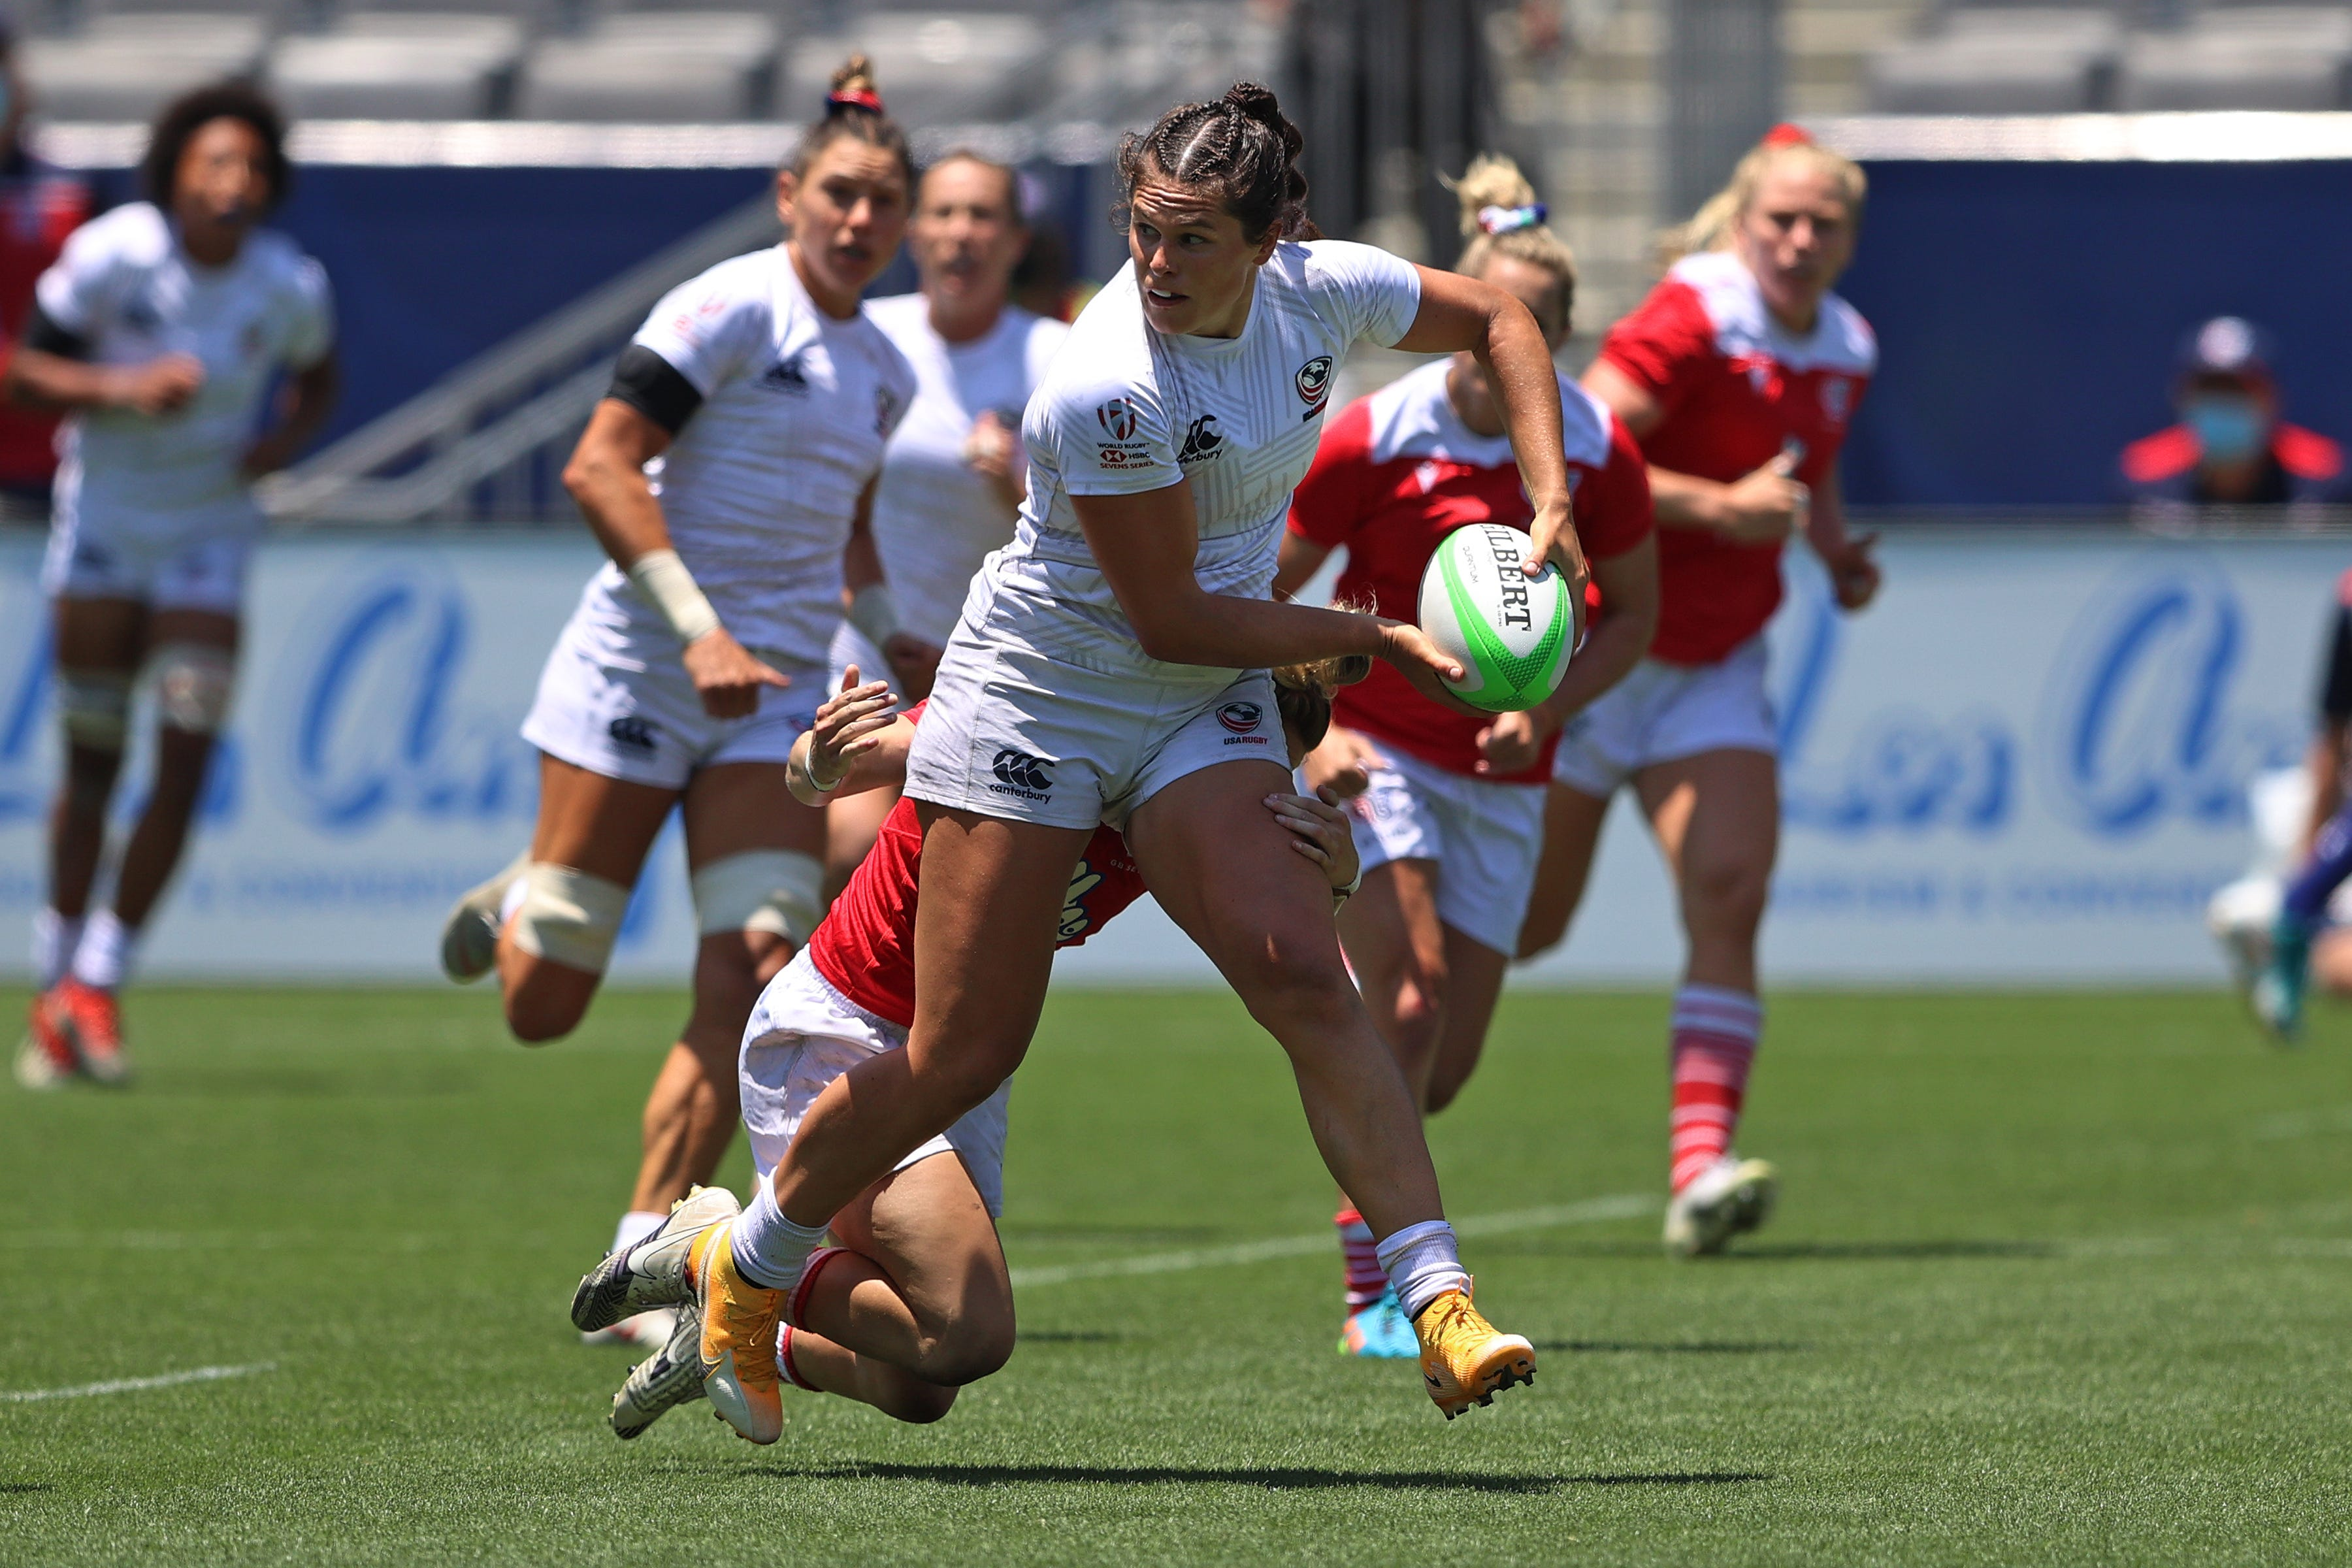 Illona playing for USA